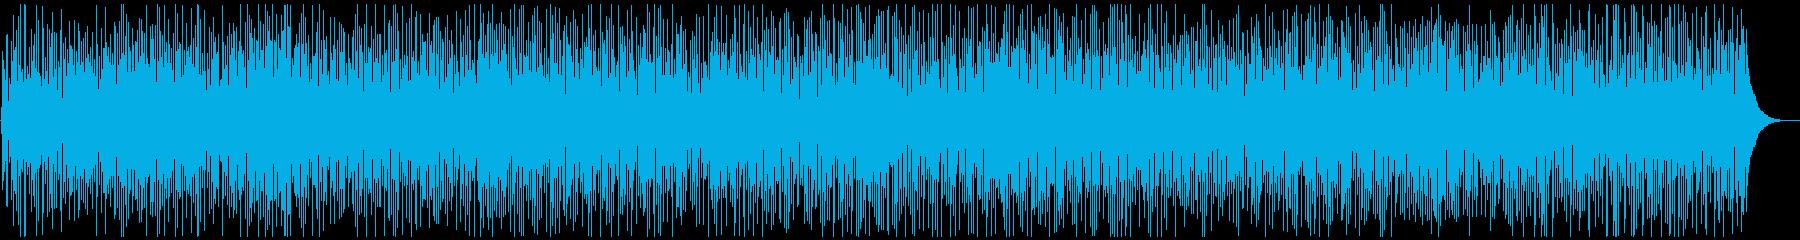 ほのぼのとしたカントリー風ソウルの再生済みの波形